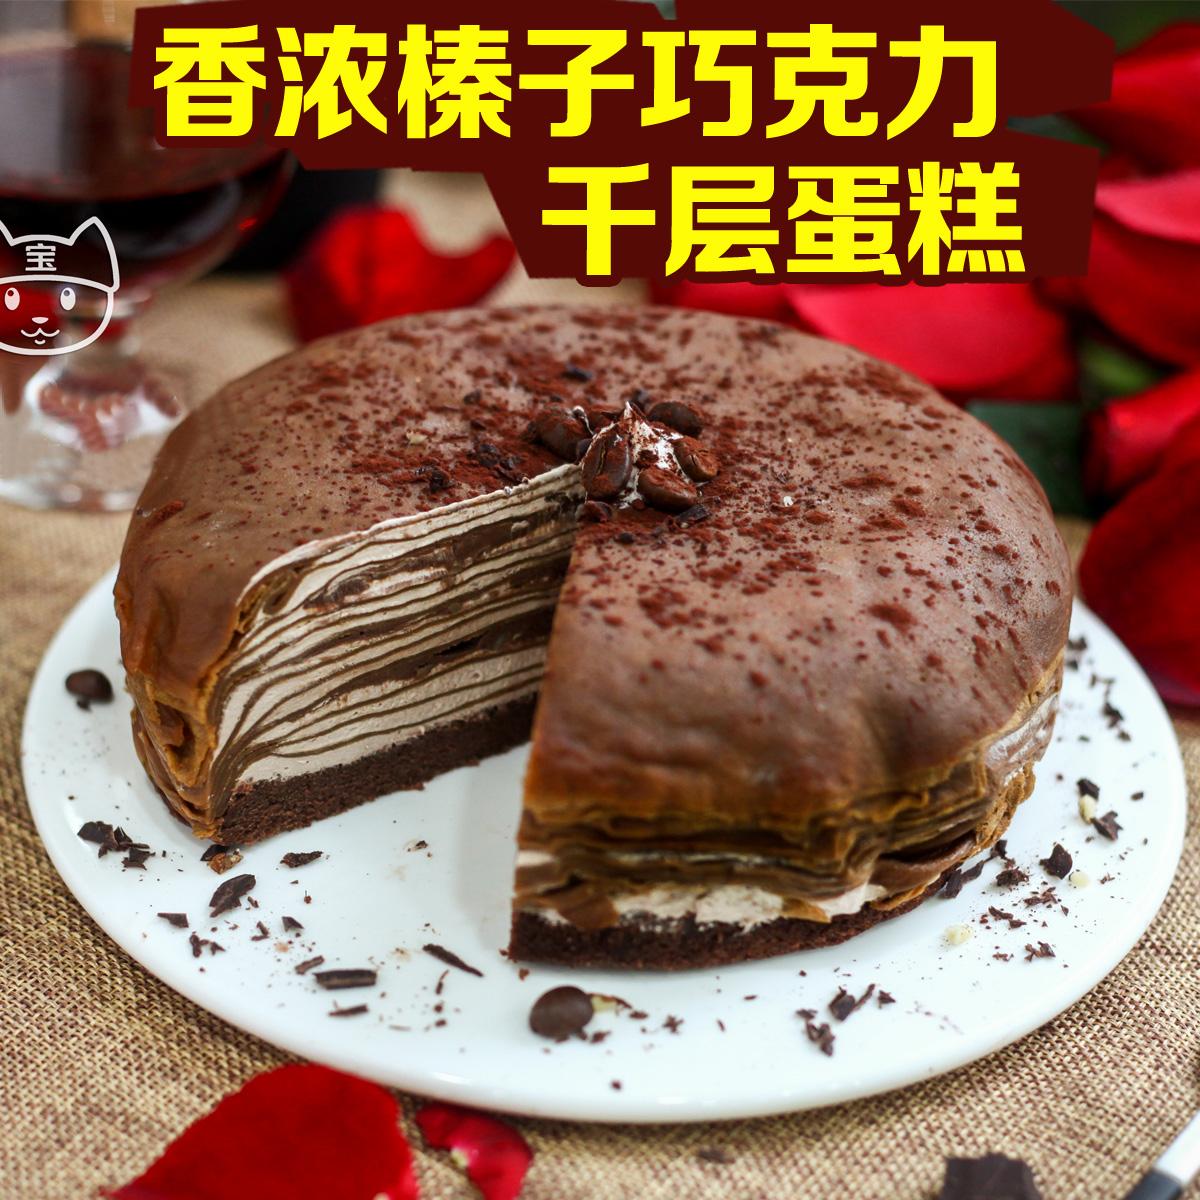 巧师傅巧克力榛子鲜奶千层蛋糕情人节礼物生日蛋糕顺丰冷链